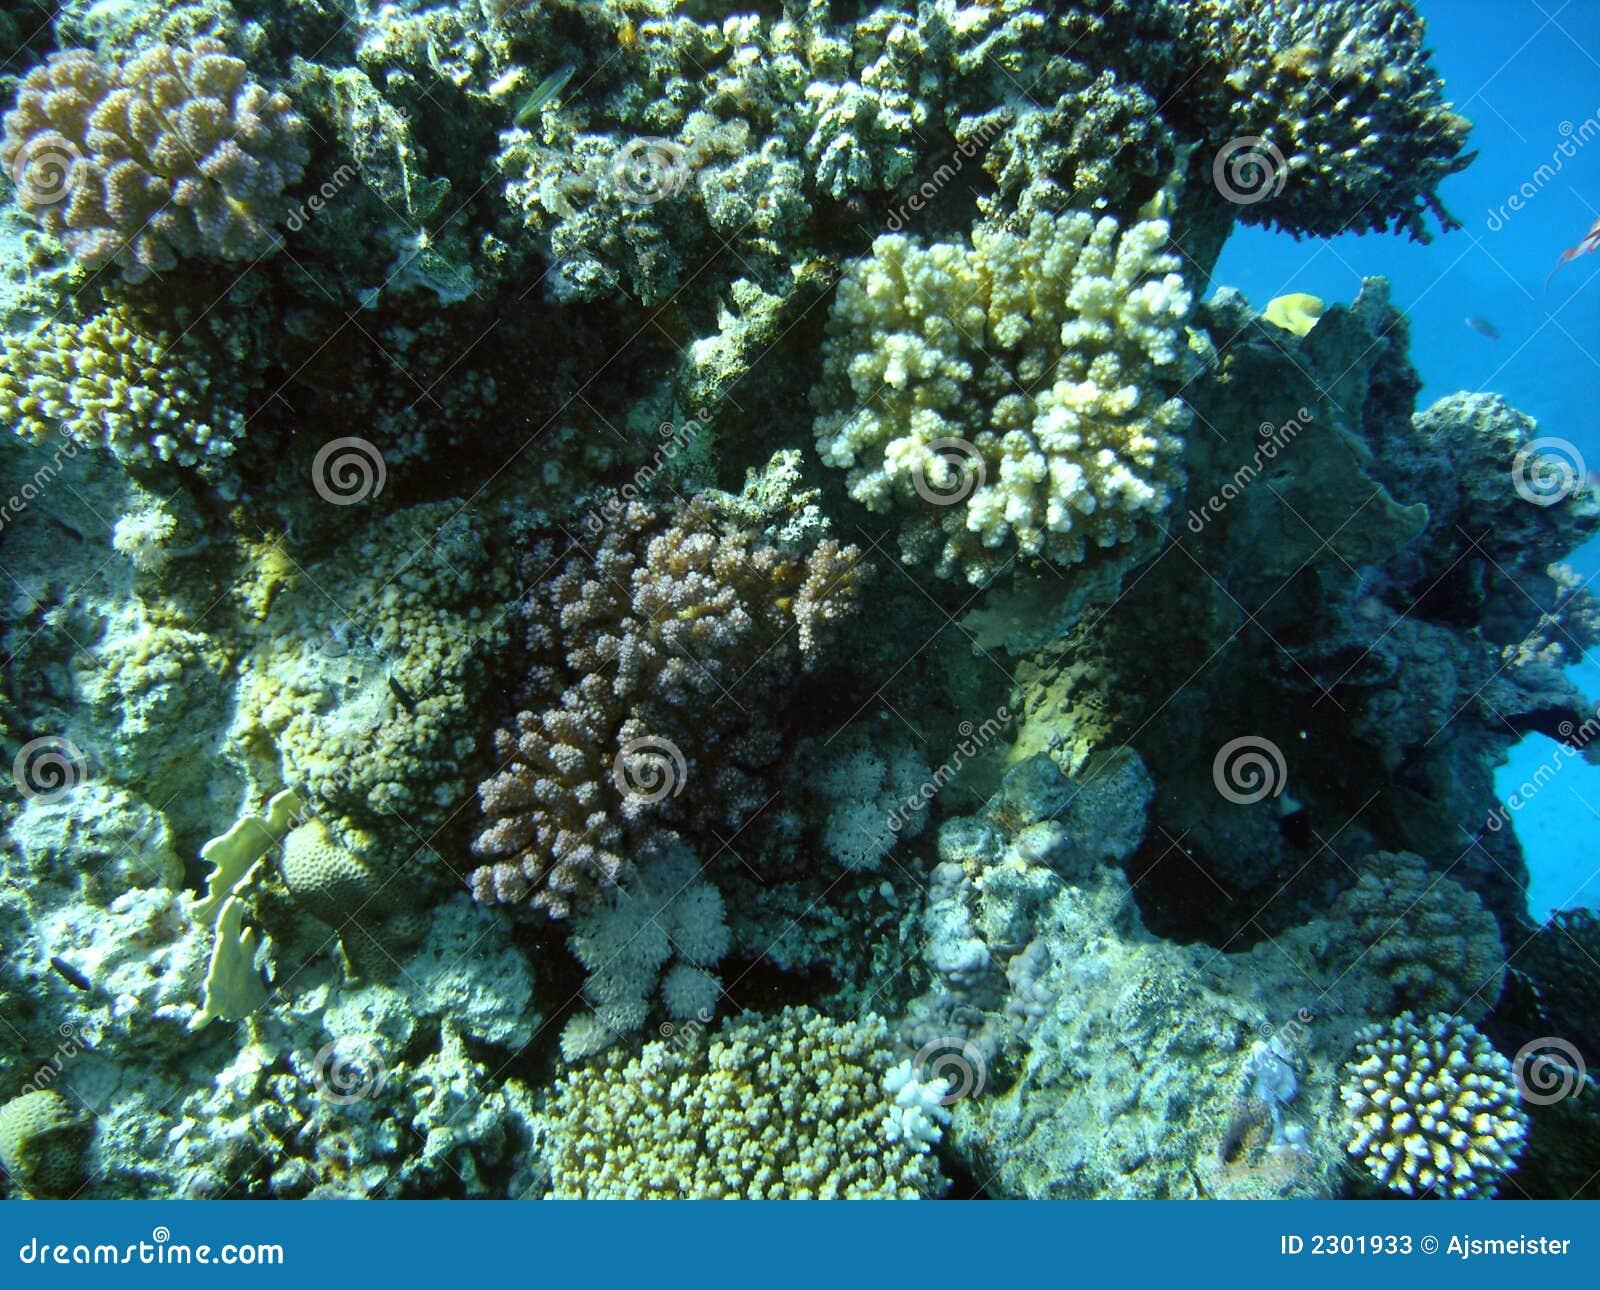 Tour de coral.jpg